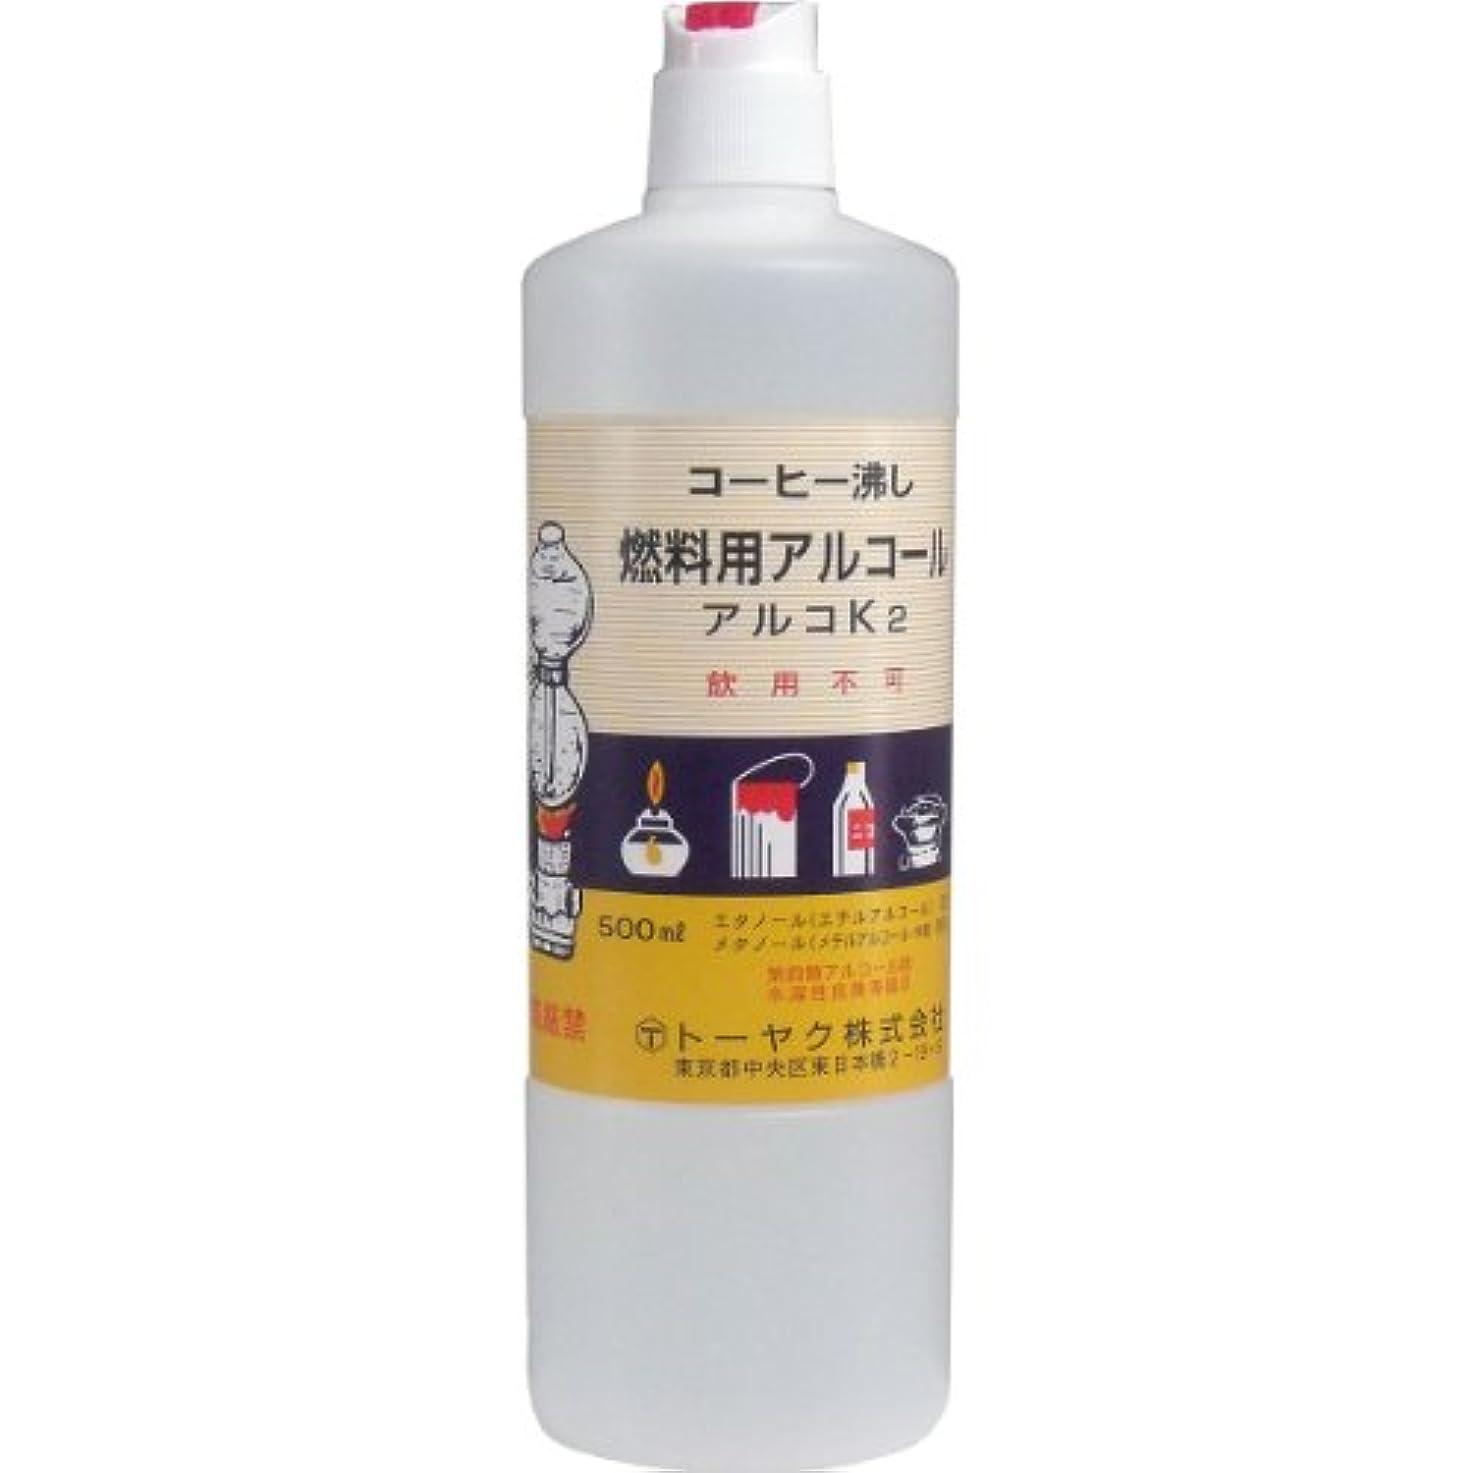 弱まる買う活力燃料用アルコール アルコK2 ×3個セット